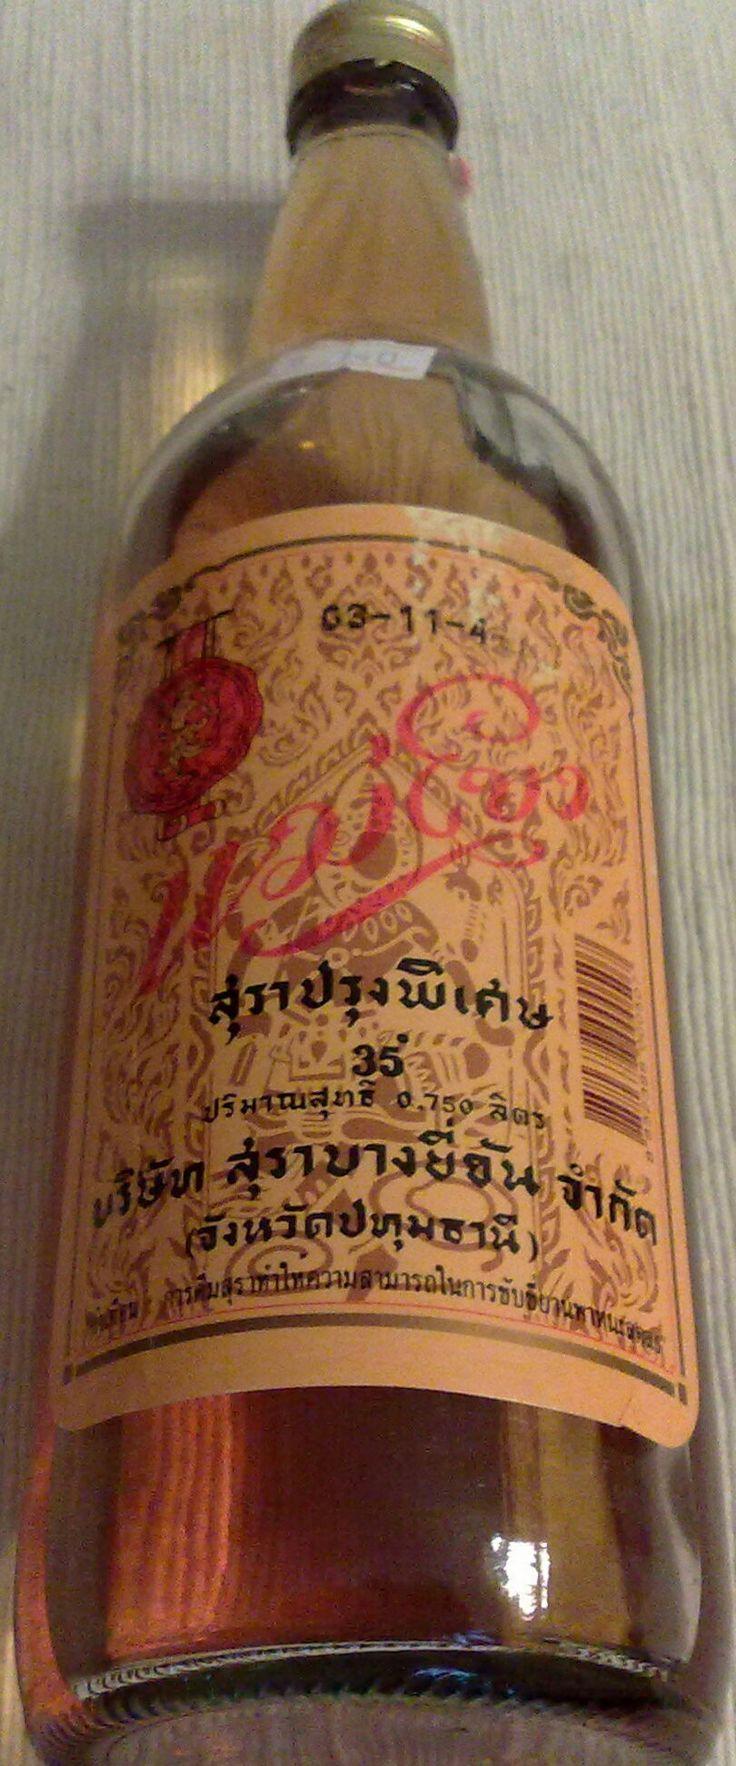 MehkongP p whiskey uit Thailand